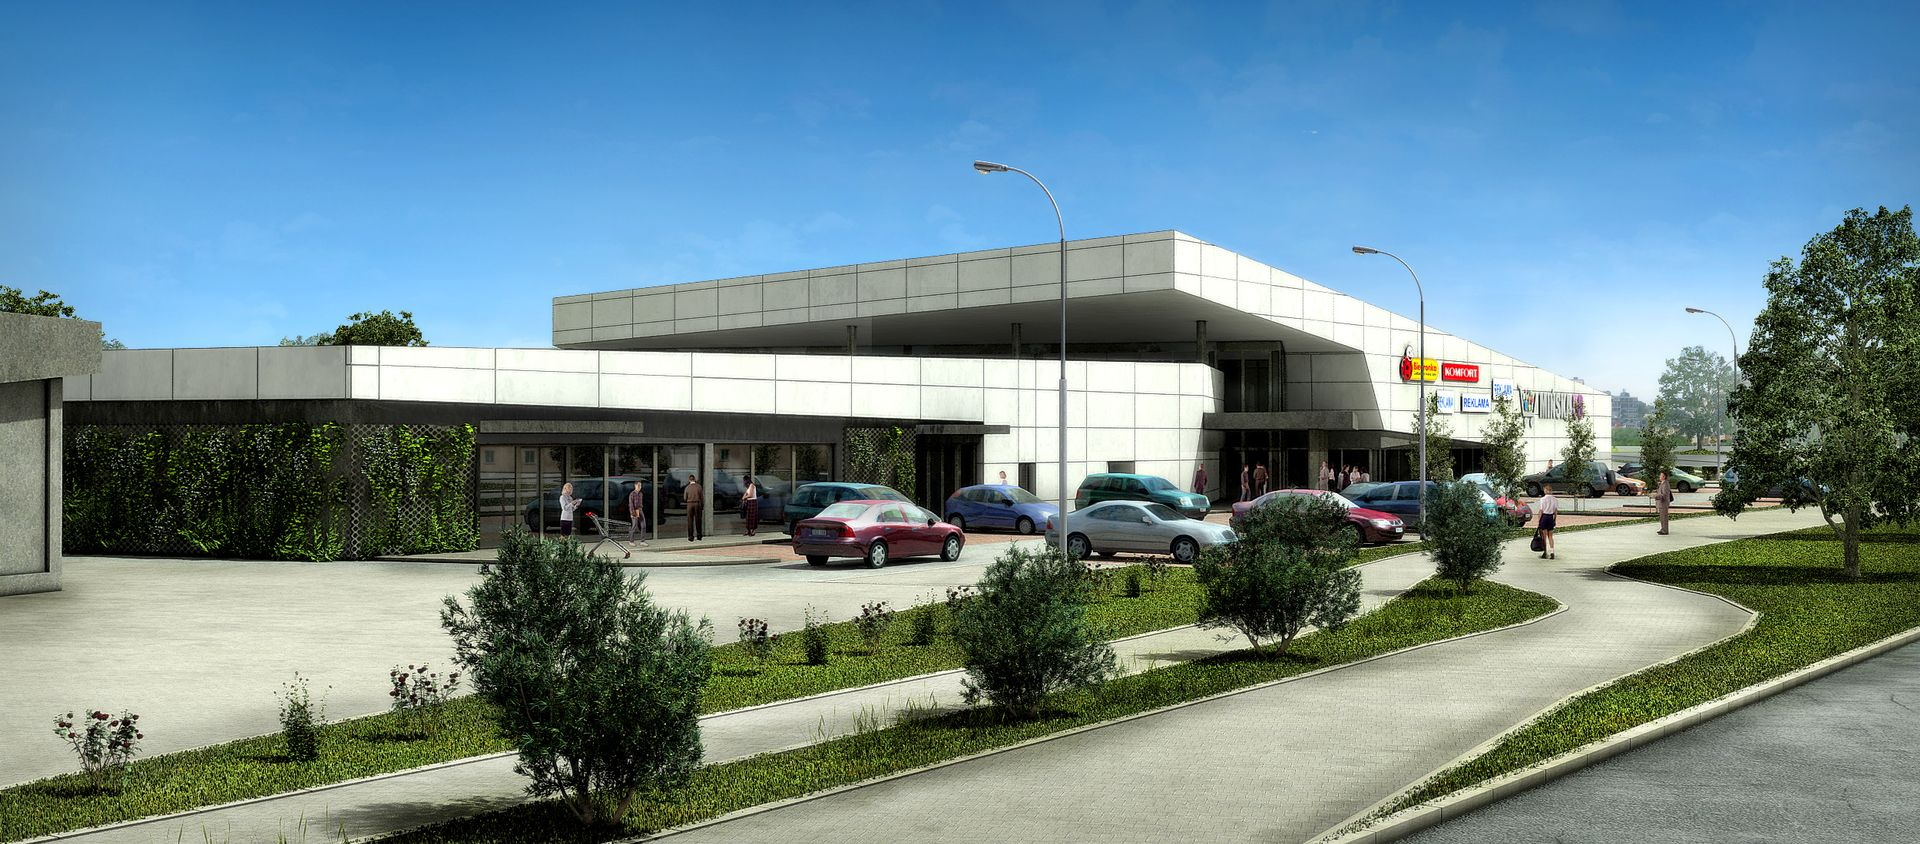 Wrocław: Jeszcze w tym roku otwarcie nowego centrum handlowego na Muchoborze Wielkim